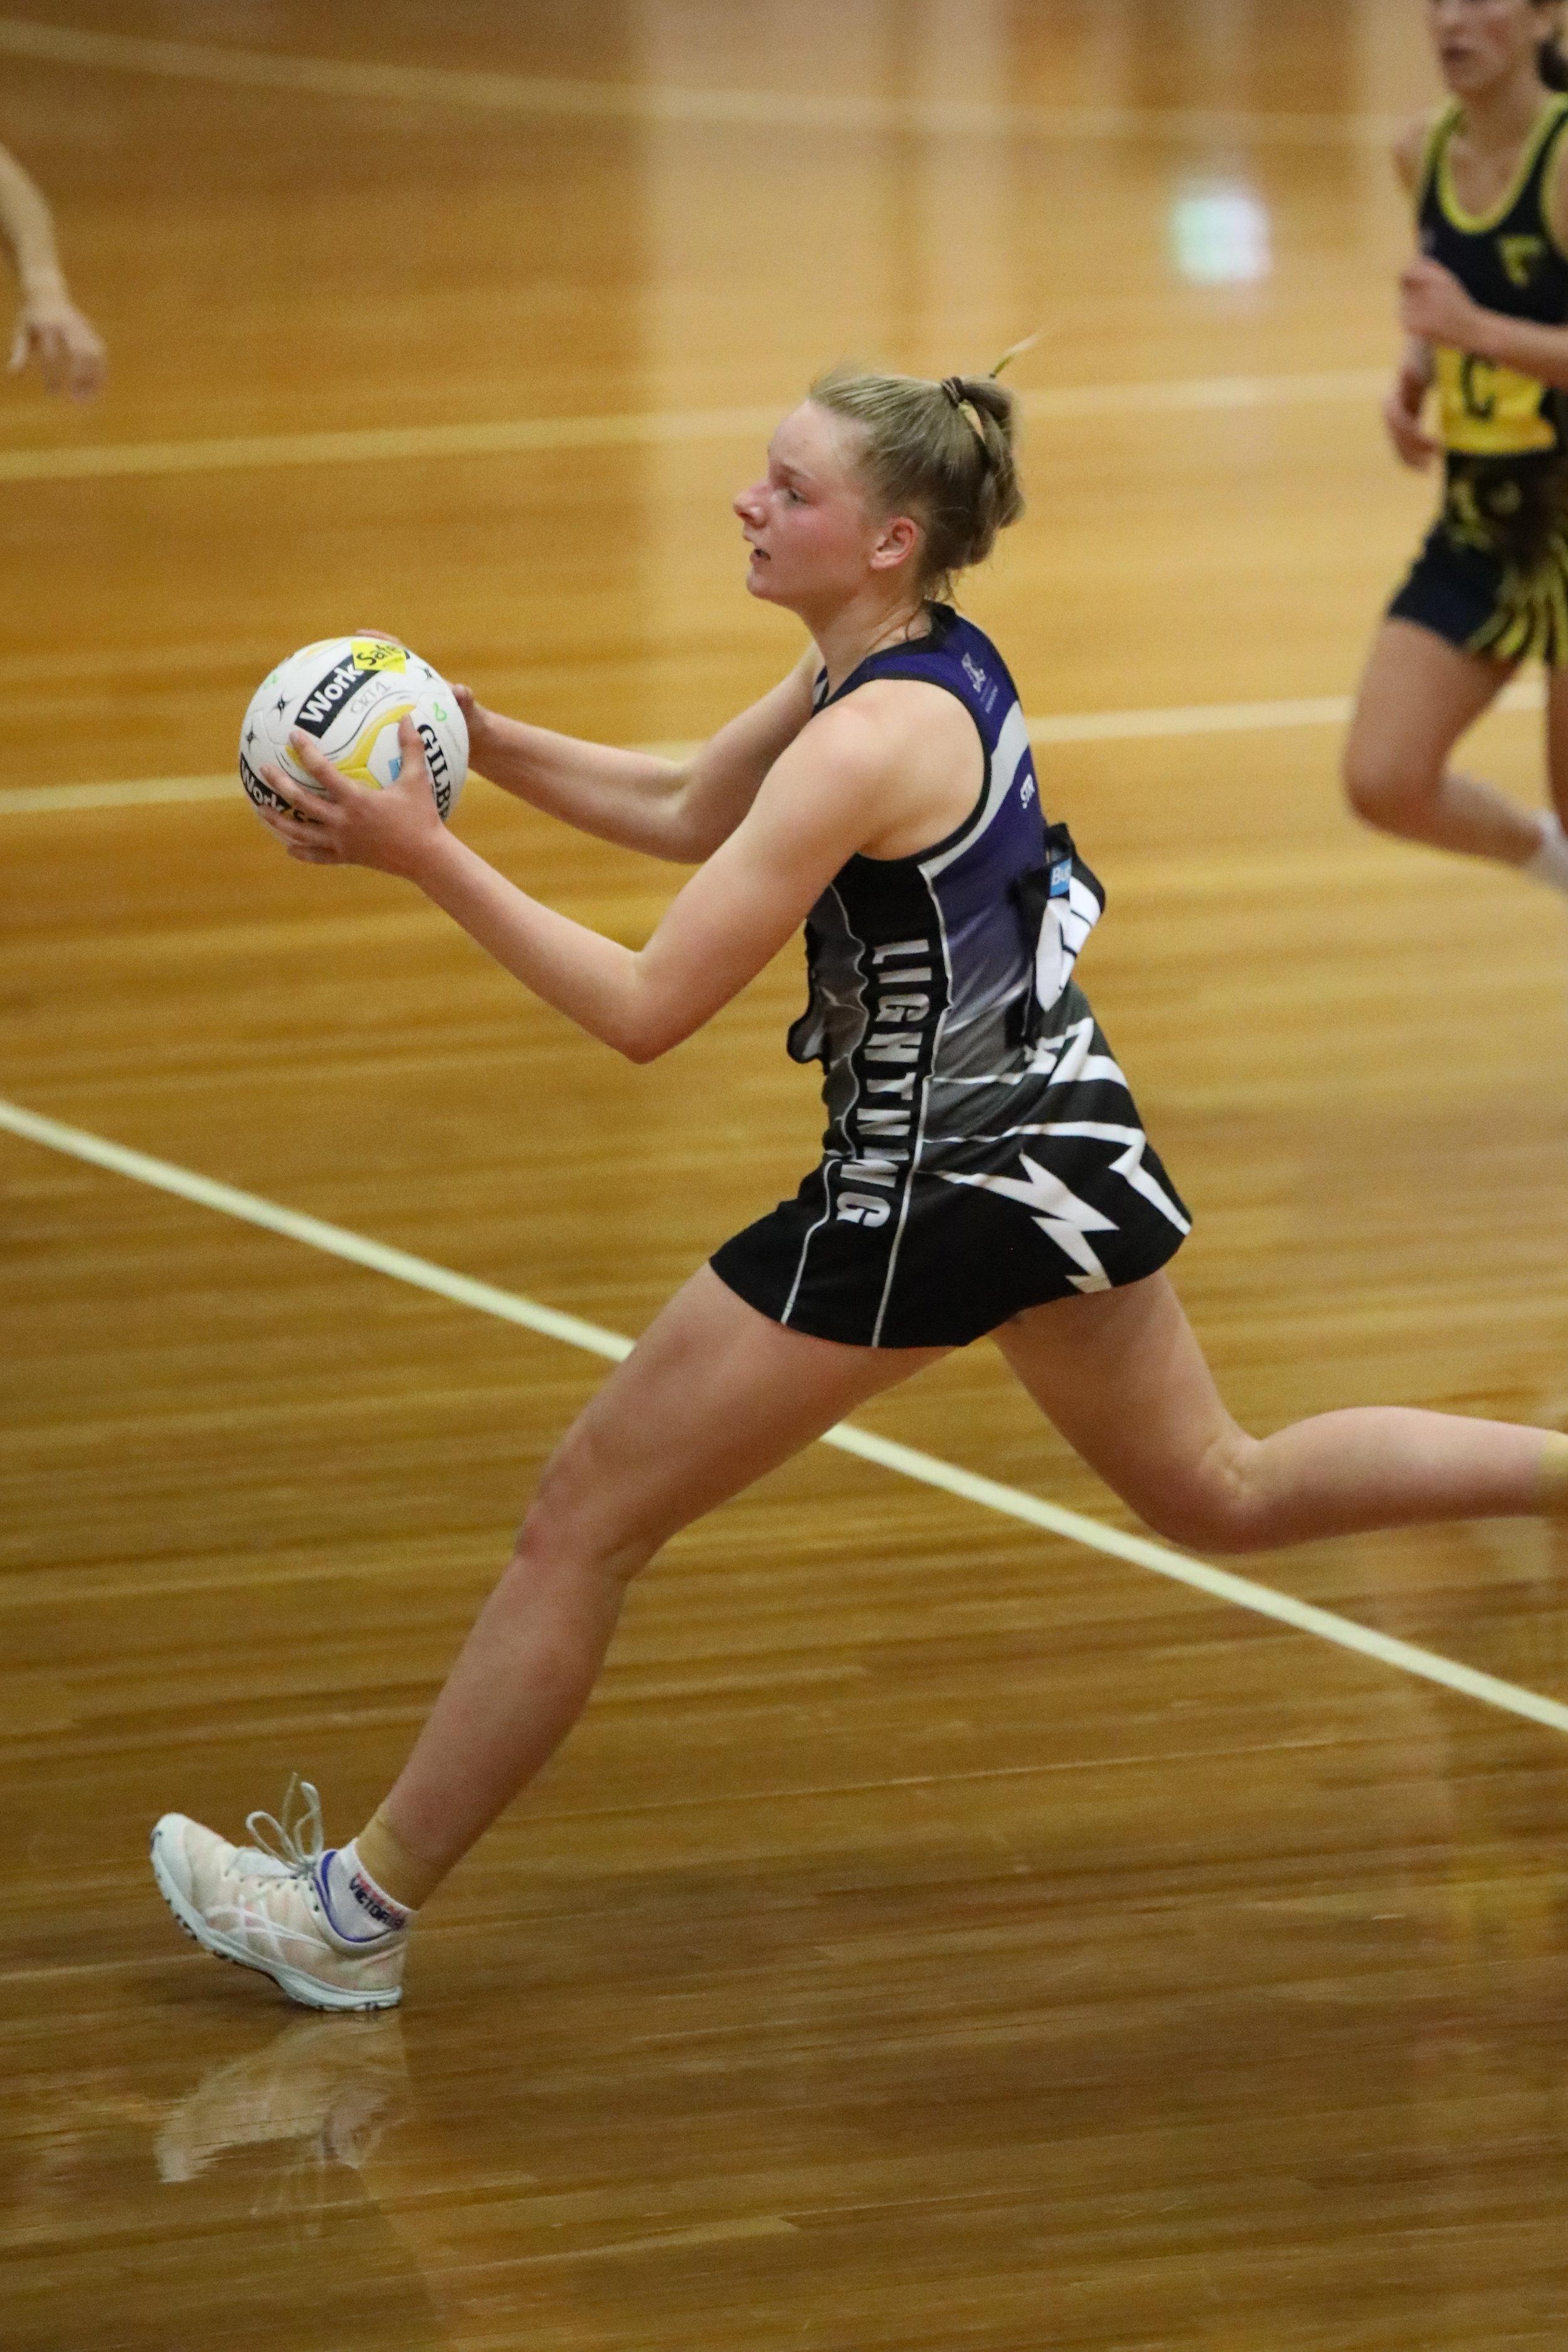 Maddi Ridley